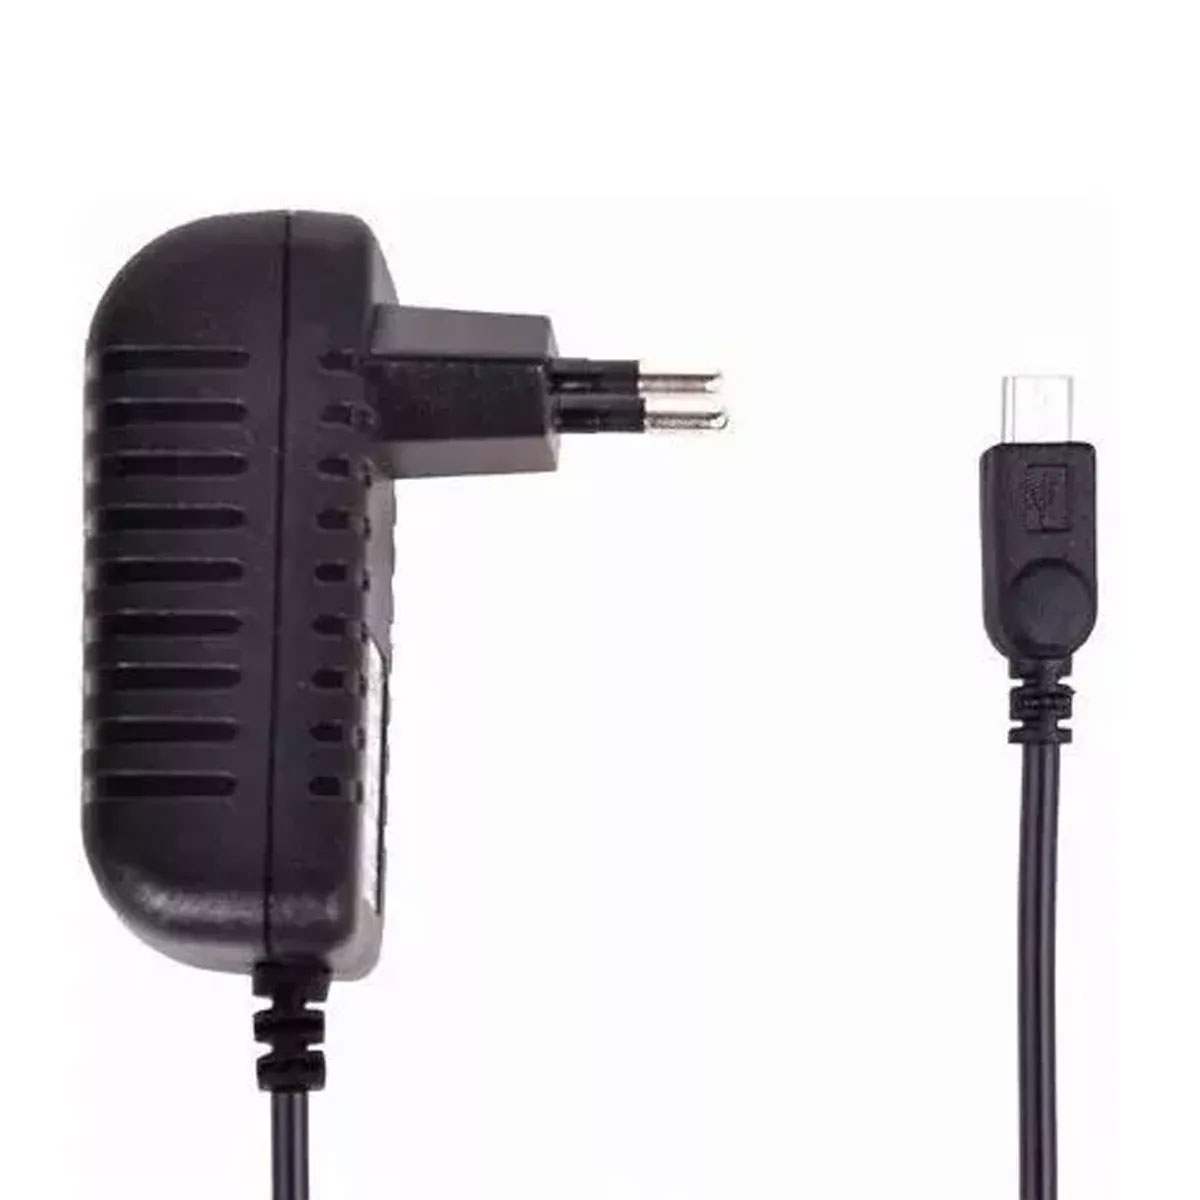 Fonte Raspberry Pi 3 5v 3A Micro USB liga/Desliga + Dissipadores